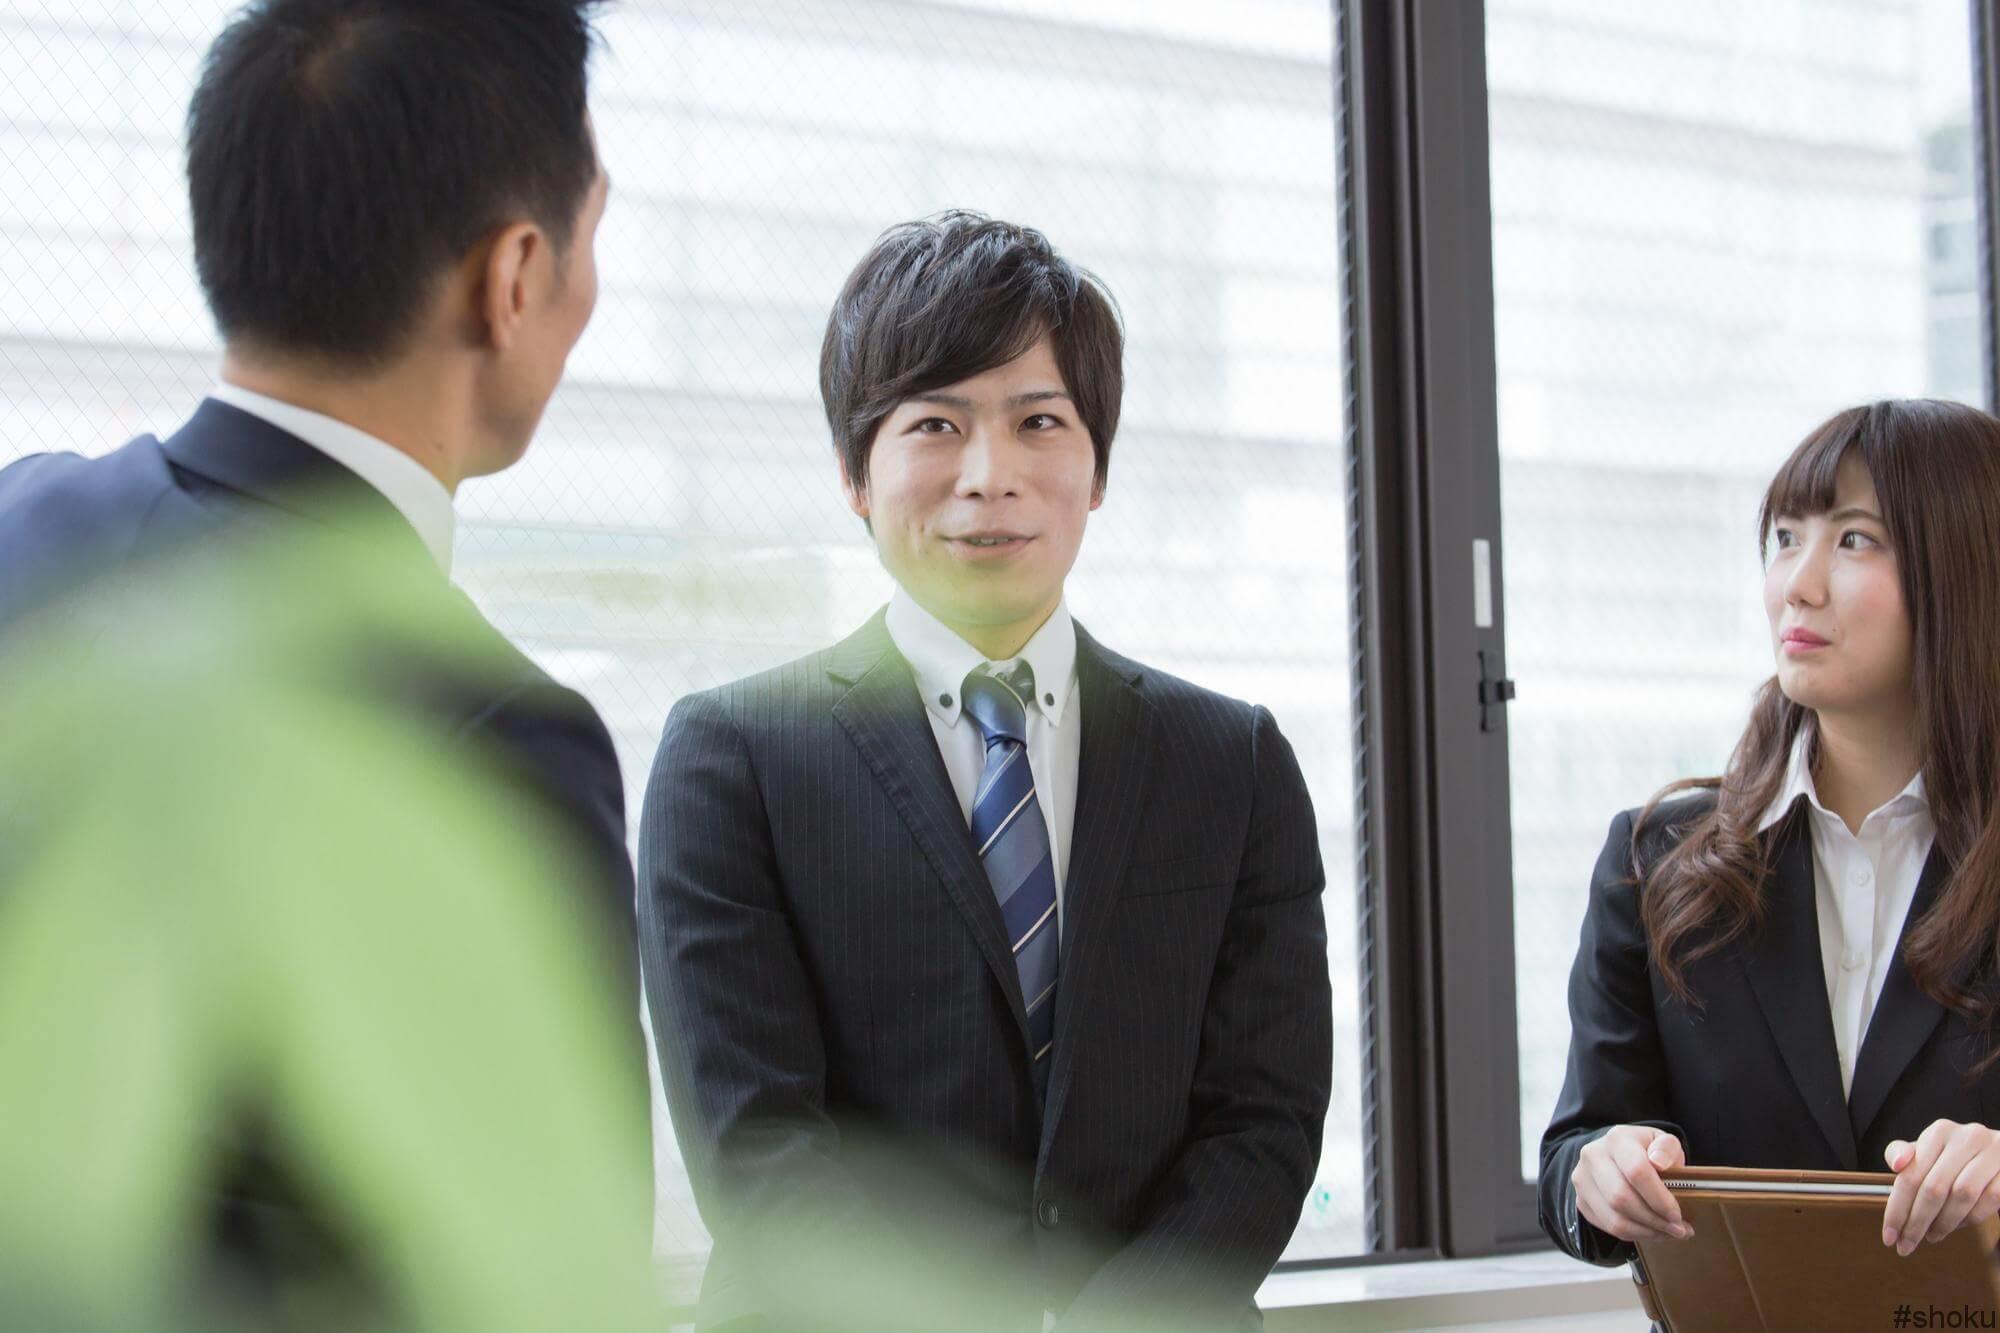 派遣事務の仕事を充実させる3つのポイントを学ぶ男性